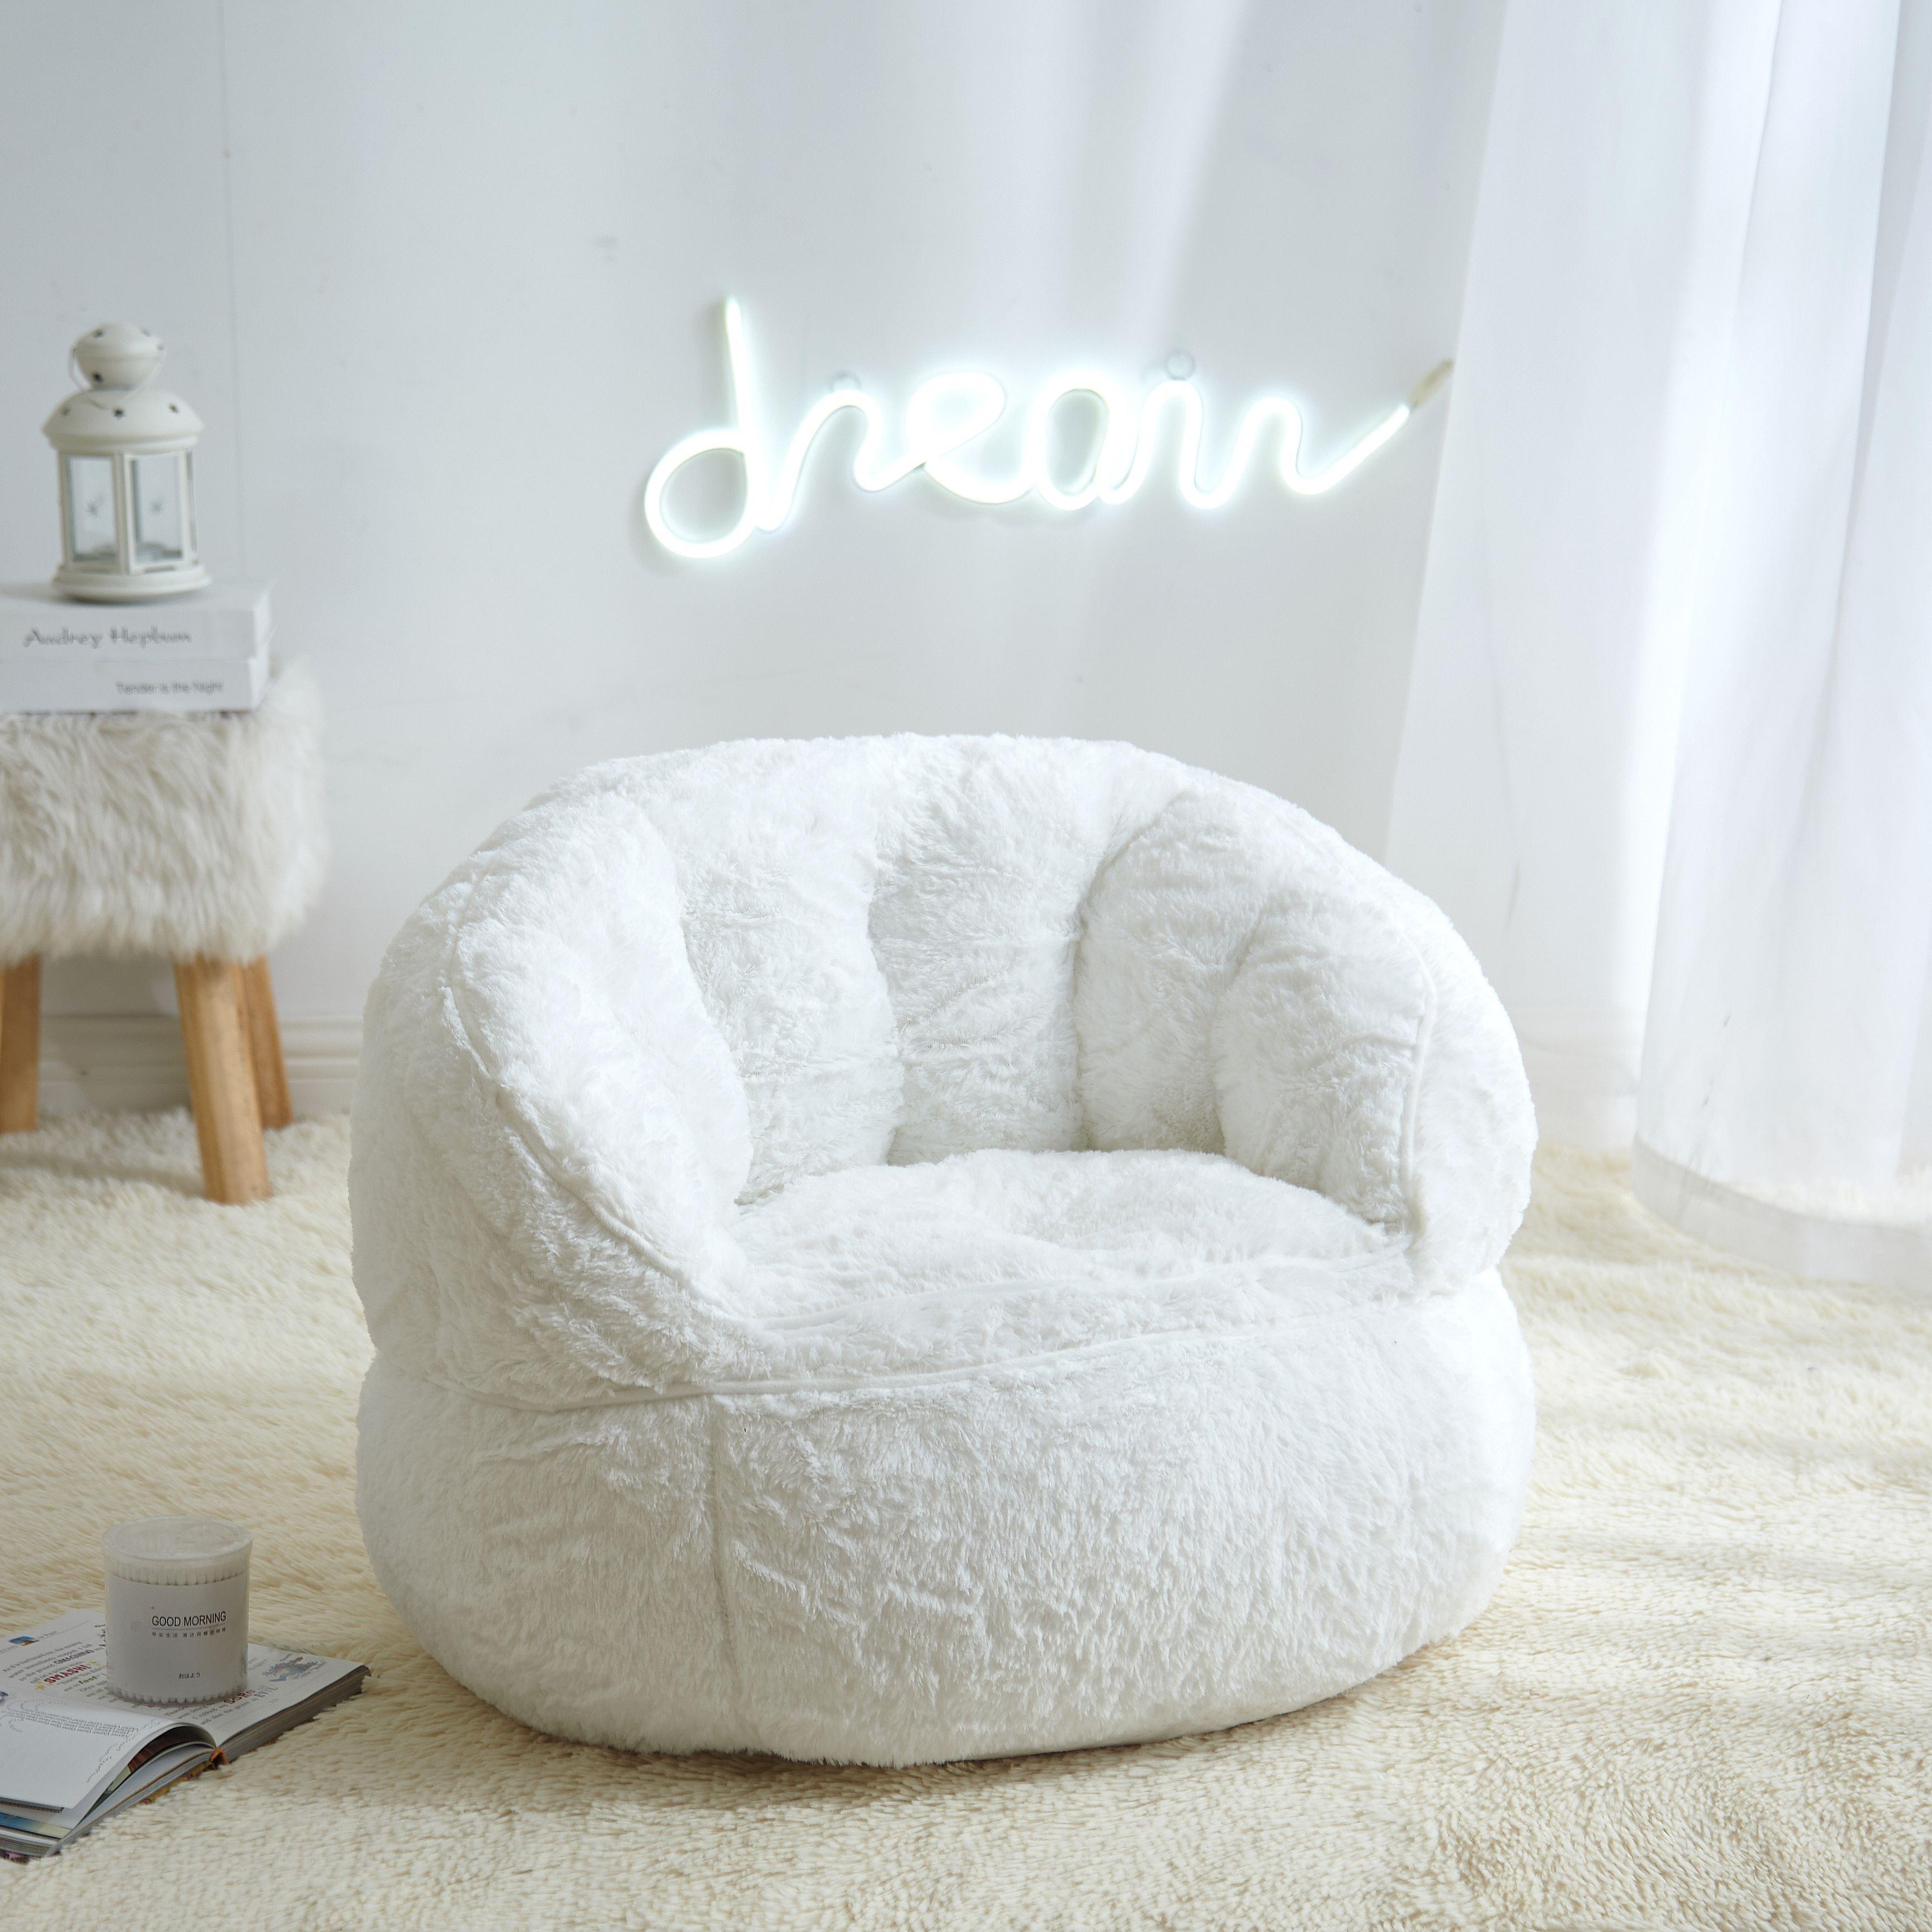 Urban Shop Faux Fur Kids Size Bean Bag Chair Multiple Colors Walmart Com In 2020 Bean Bag Chair Pvc Furniture Plans Bean Bag Chair Kids